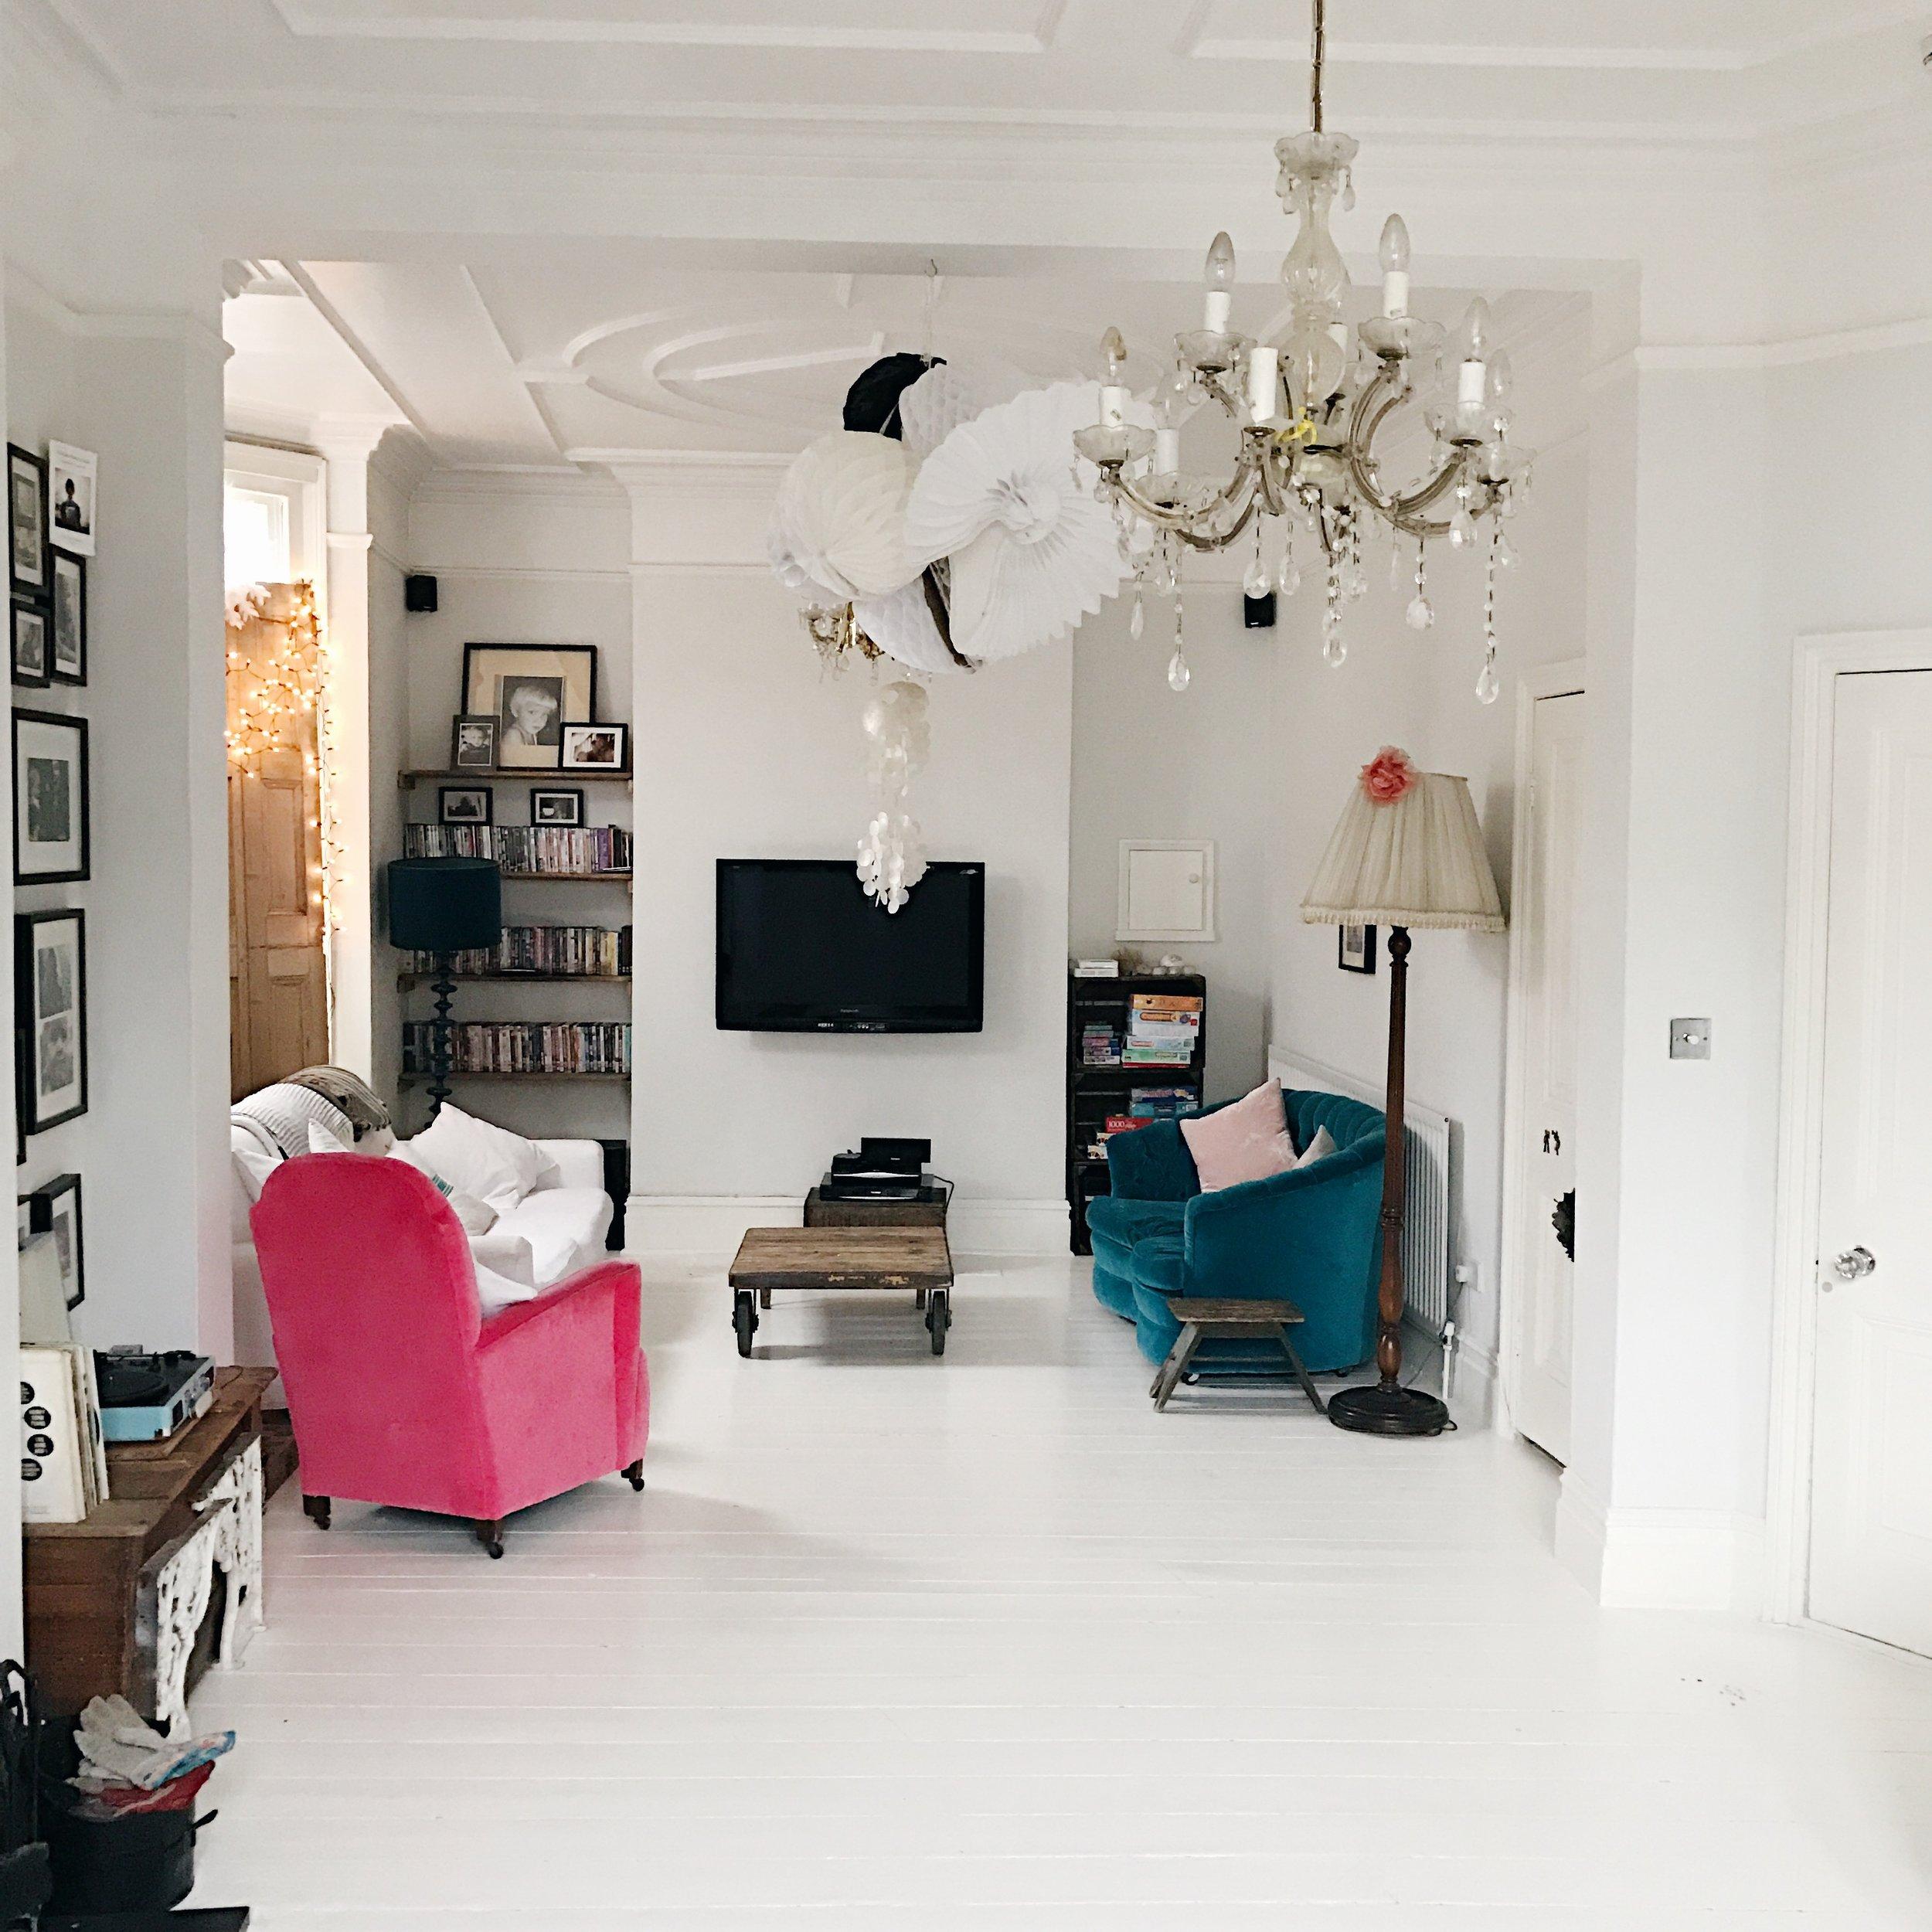 Holland-Road-Living-Room-02.JPG